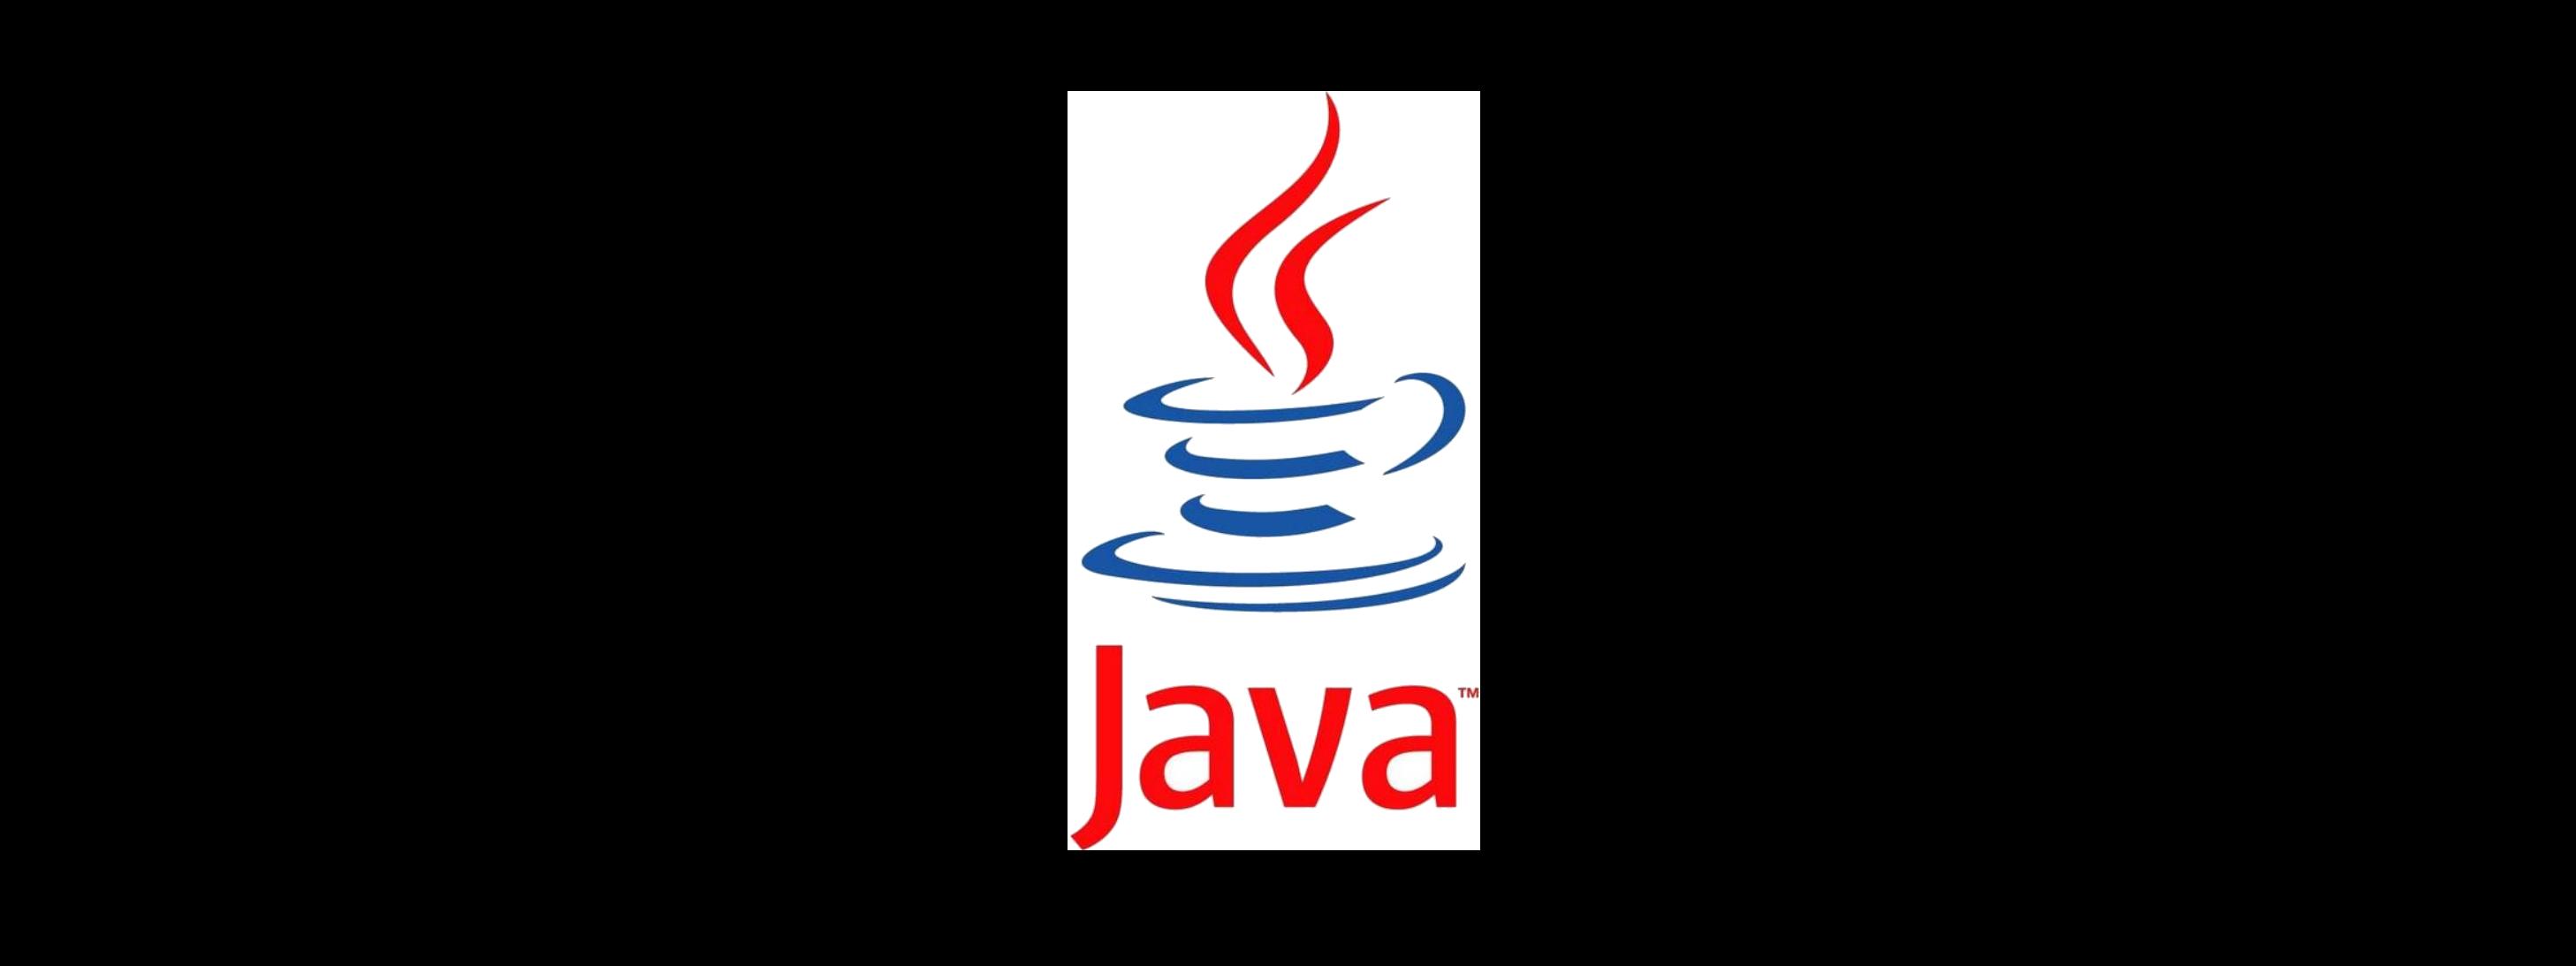 Java-8:3